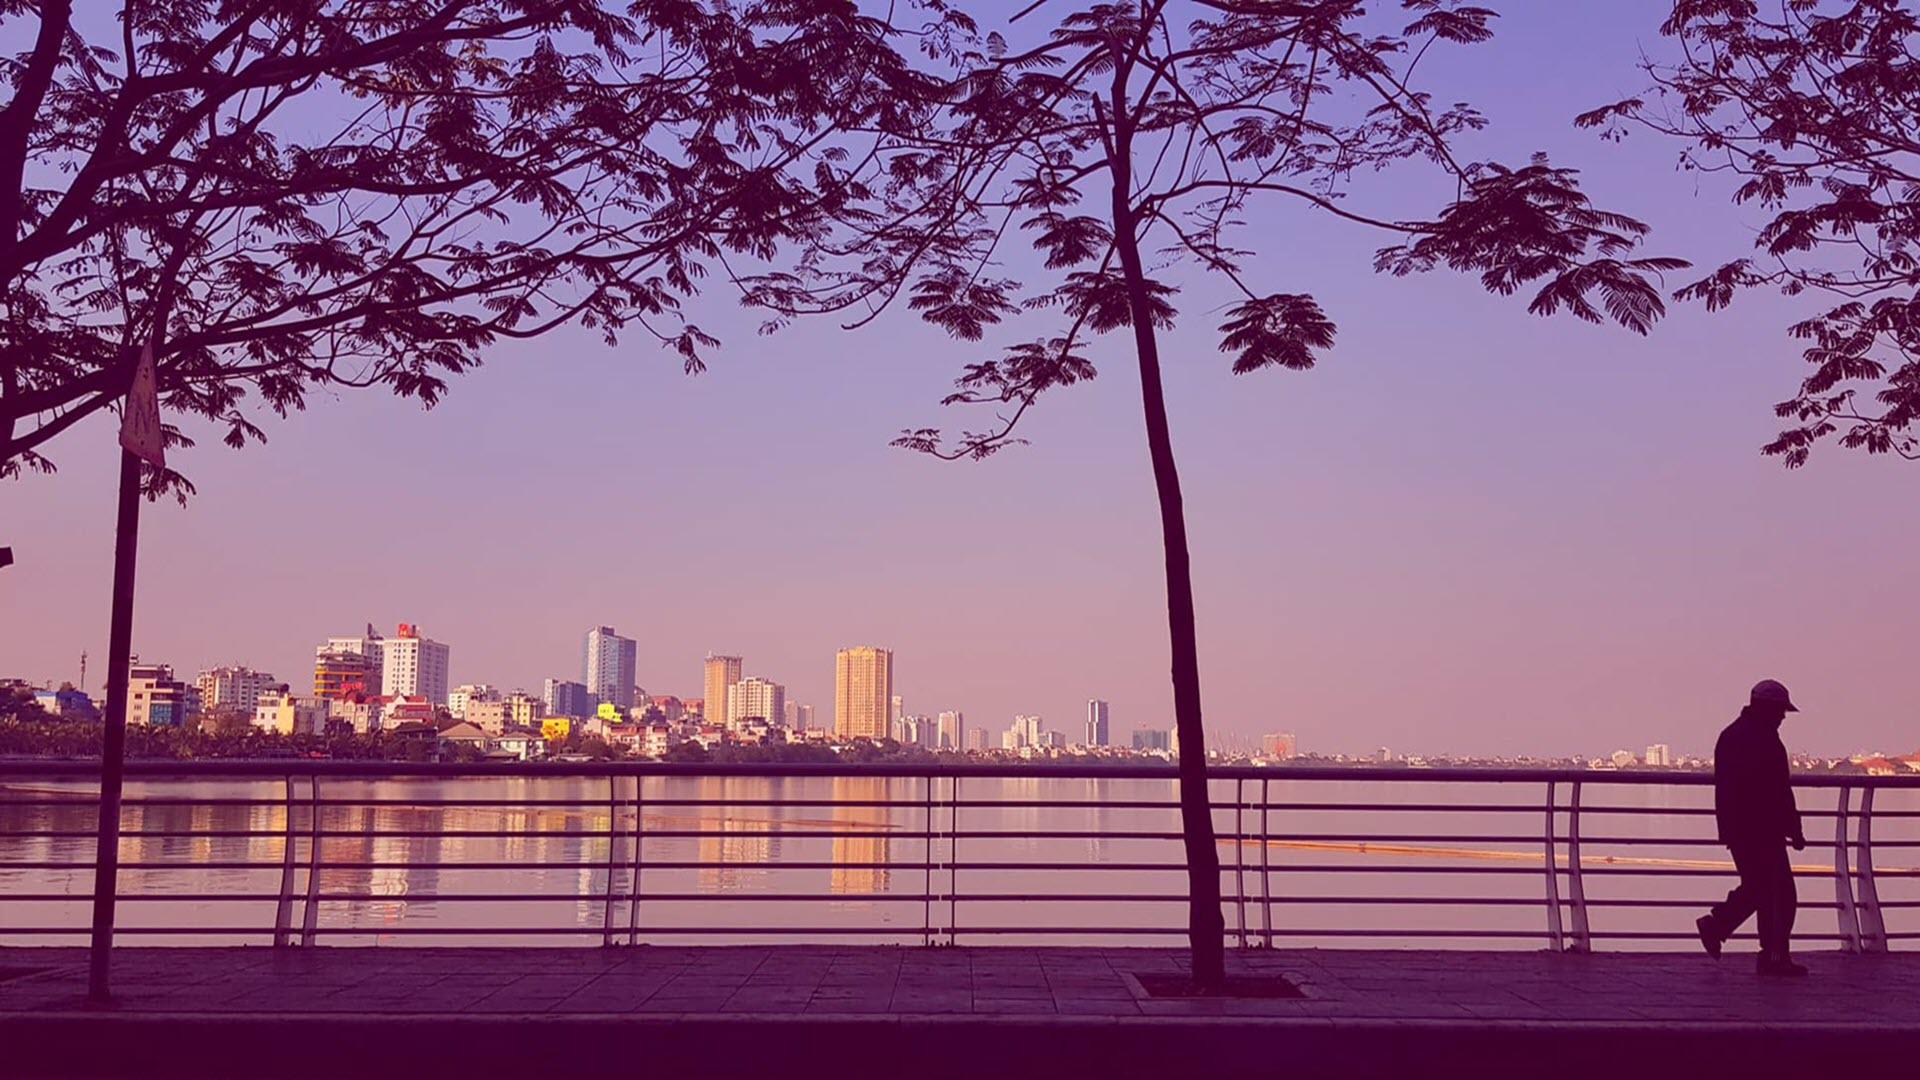 Hình nền Hồ Tây Hà Nội